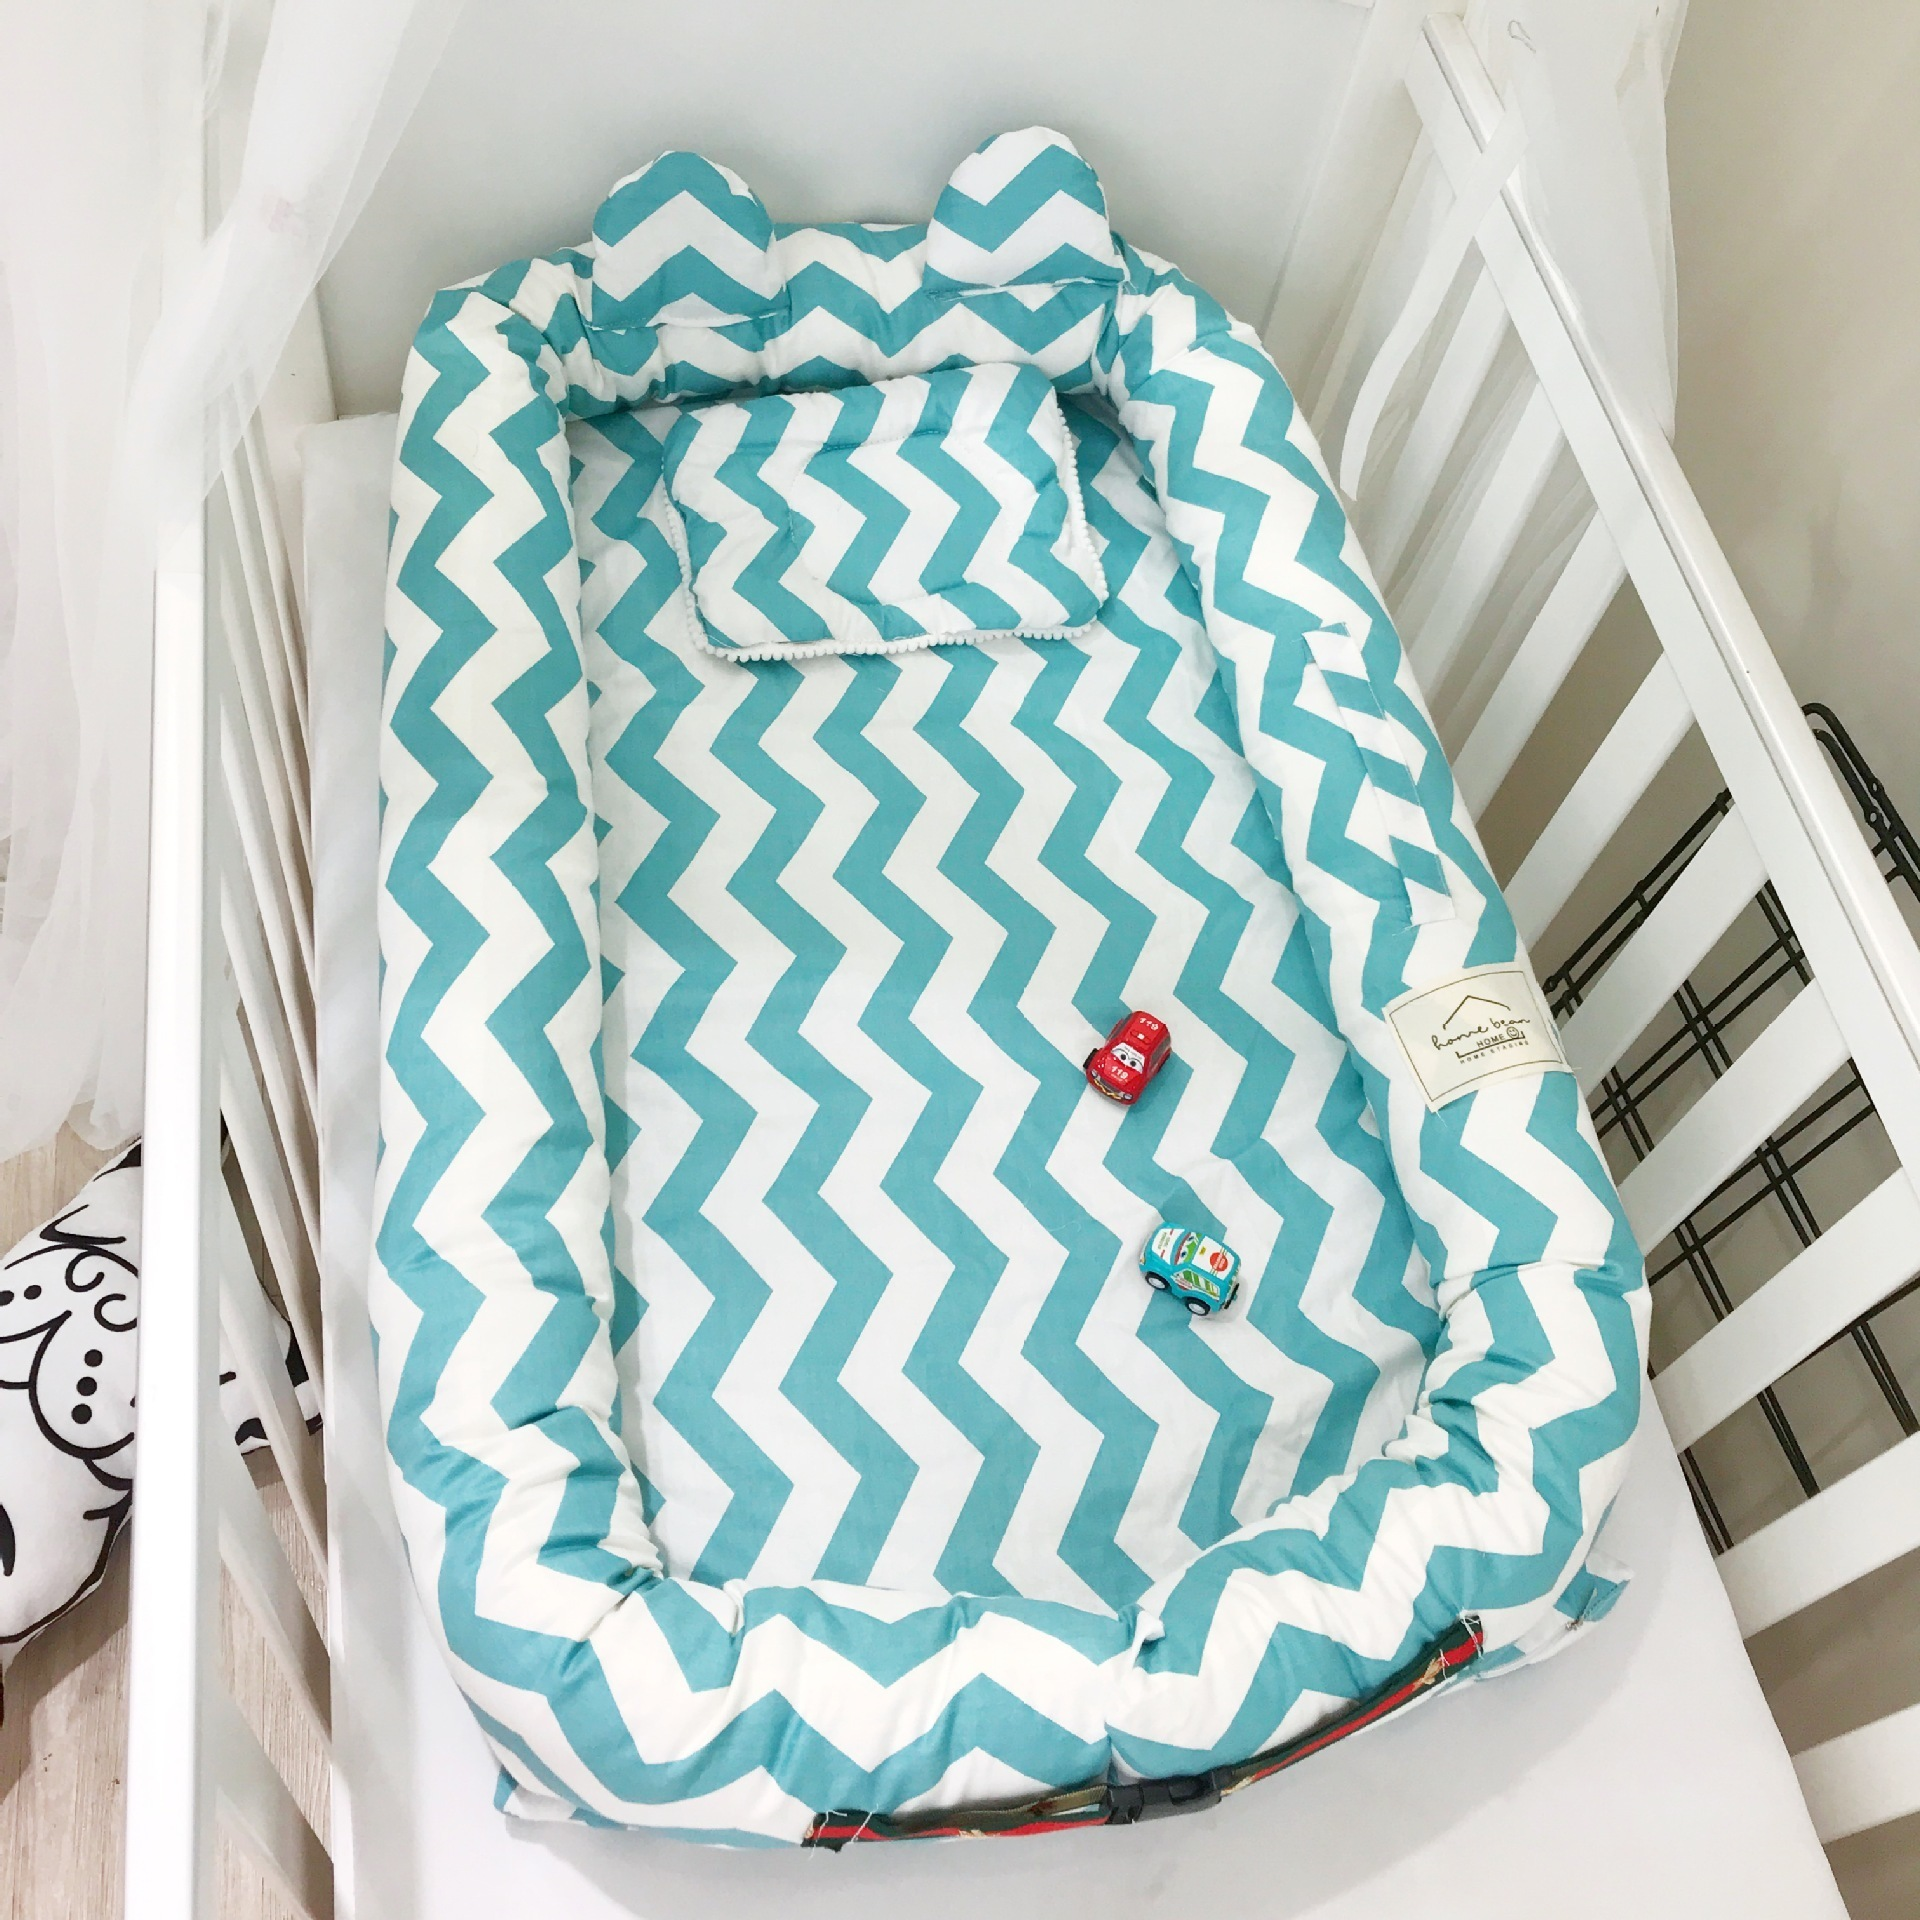 Baaobaab Erdc Lindo Oído Cama de Algodón Nido del Niño Portátil Cuna de Bebé Babynest Para Cuna de Recién Nacido Lavable Cuna C19041901